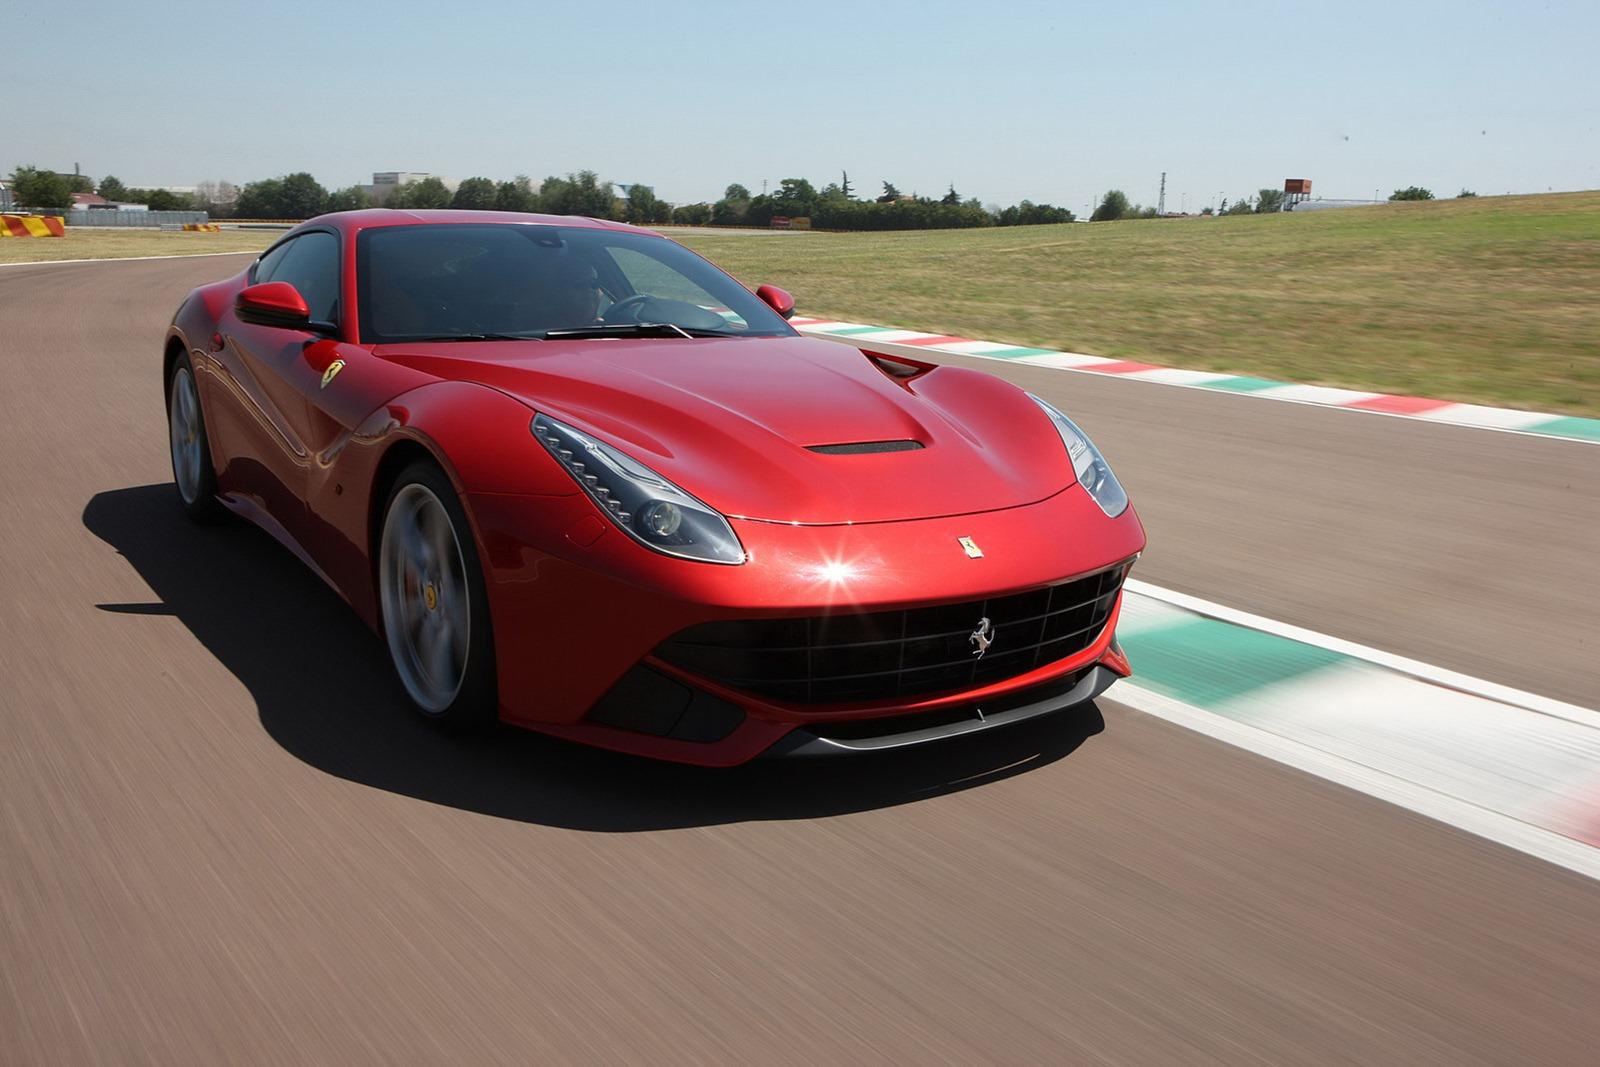 Ferrari F12berlinetta 7 Ferrari F12 berlinetta